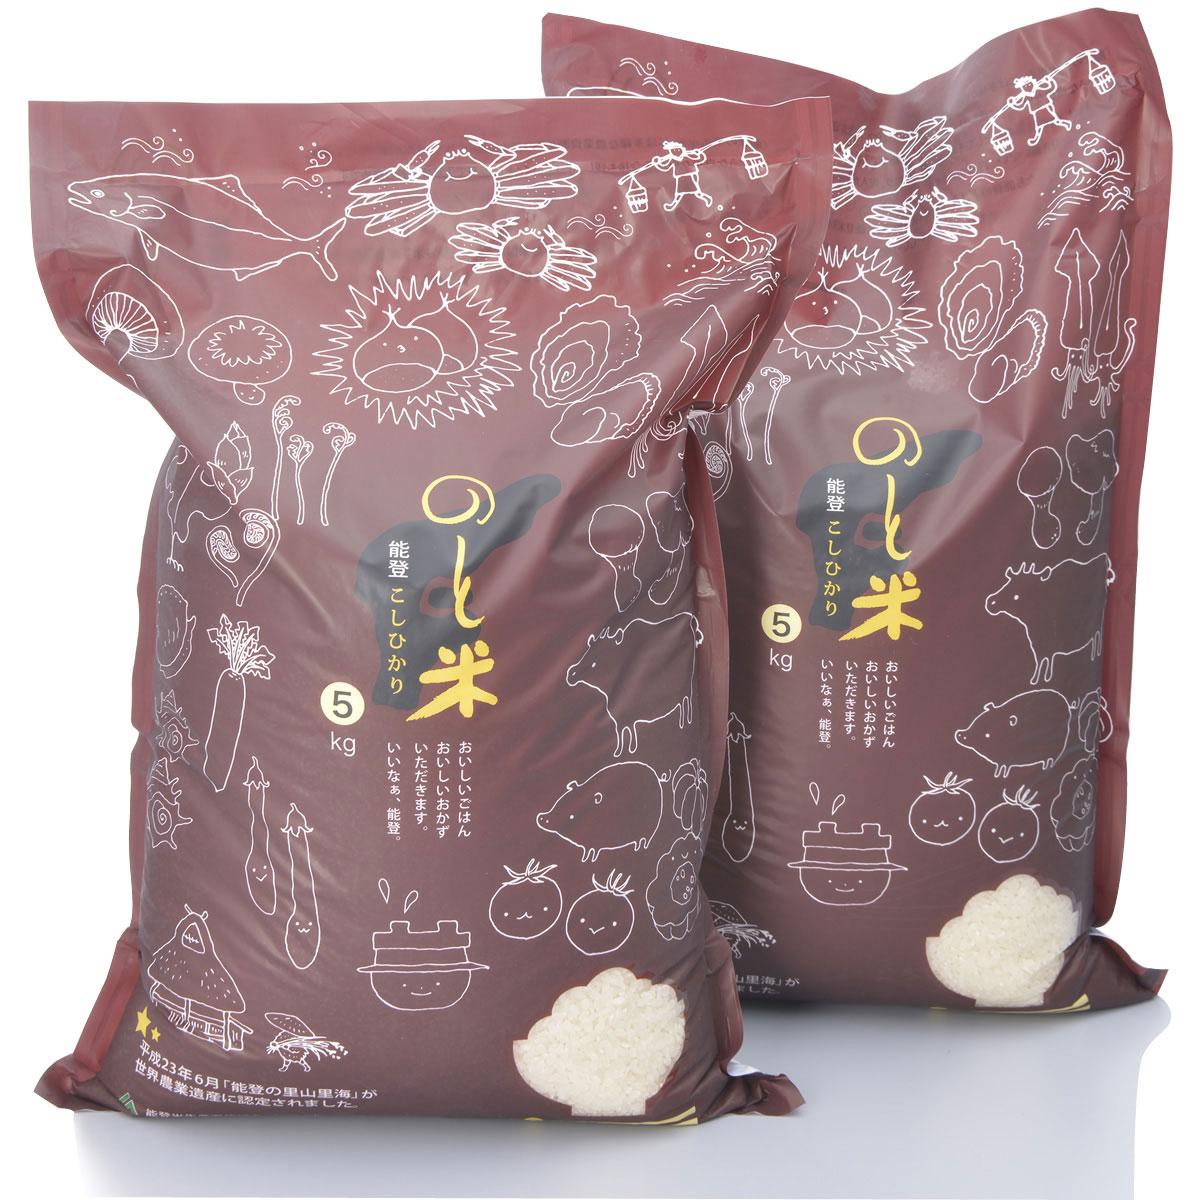 【ふるさと納税】能登米こしひかり 10kg(5kg×2袋)/世界農業遺産に認定された『能登の里山里海』で育まれたお米です※令和元年10月より順次発送